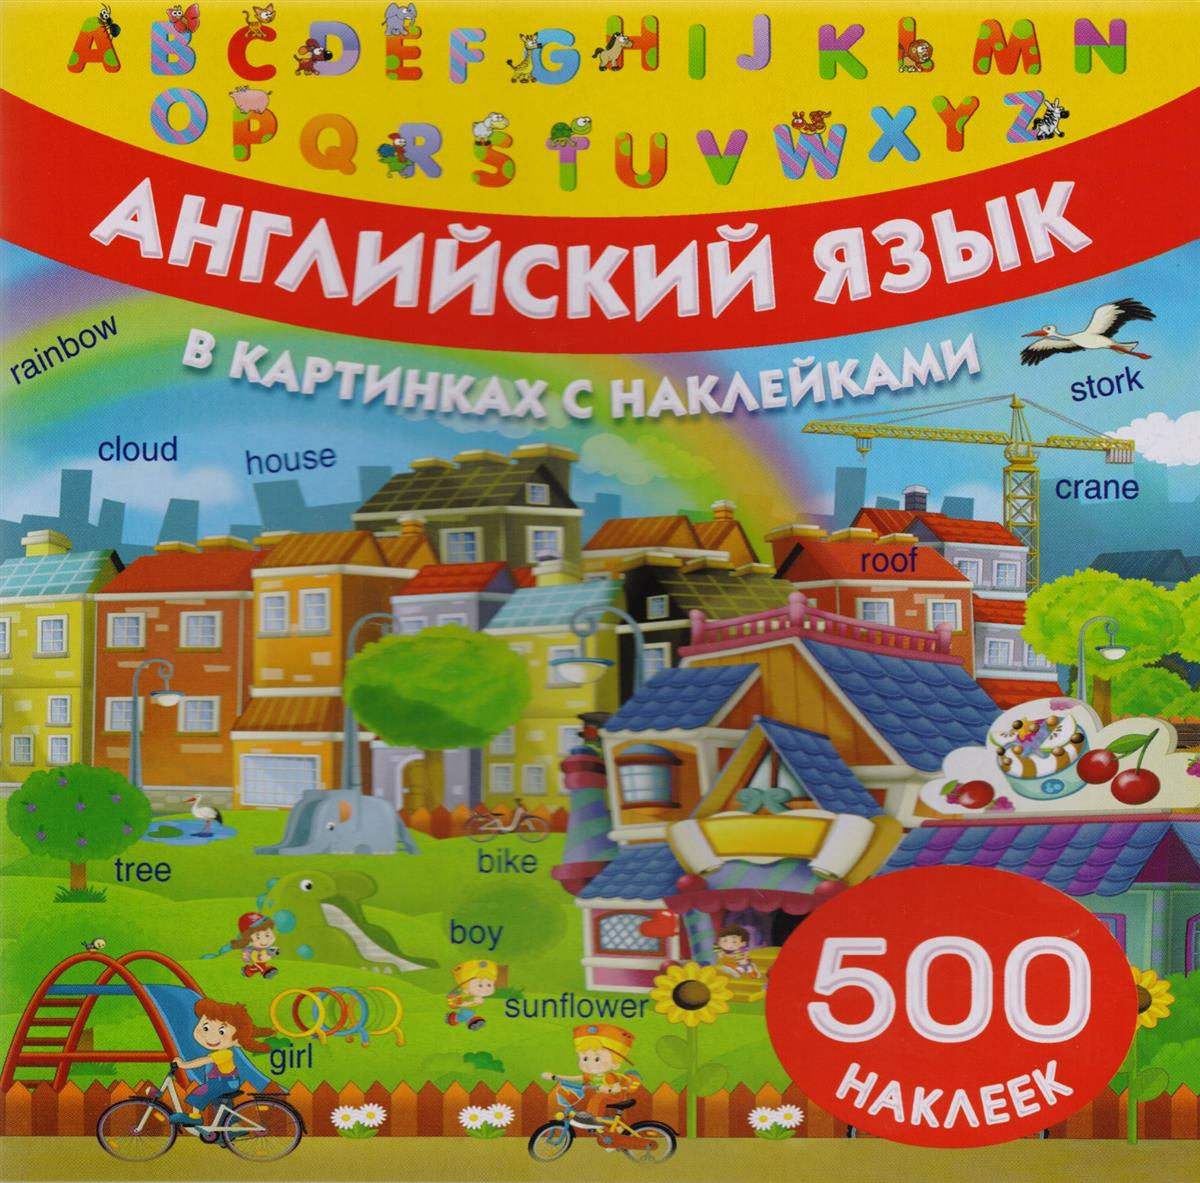 Глотова В. (худ.) Английский язык в картинках с наклейками. 500 наклеек глотова в рахманов а илл в мире животных 500 наклеек